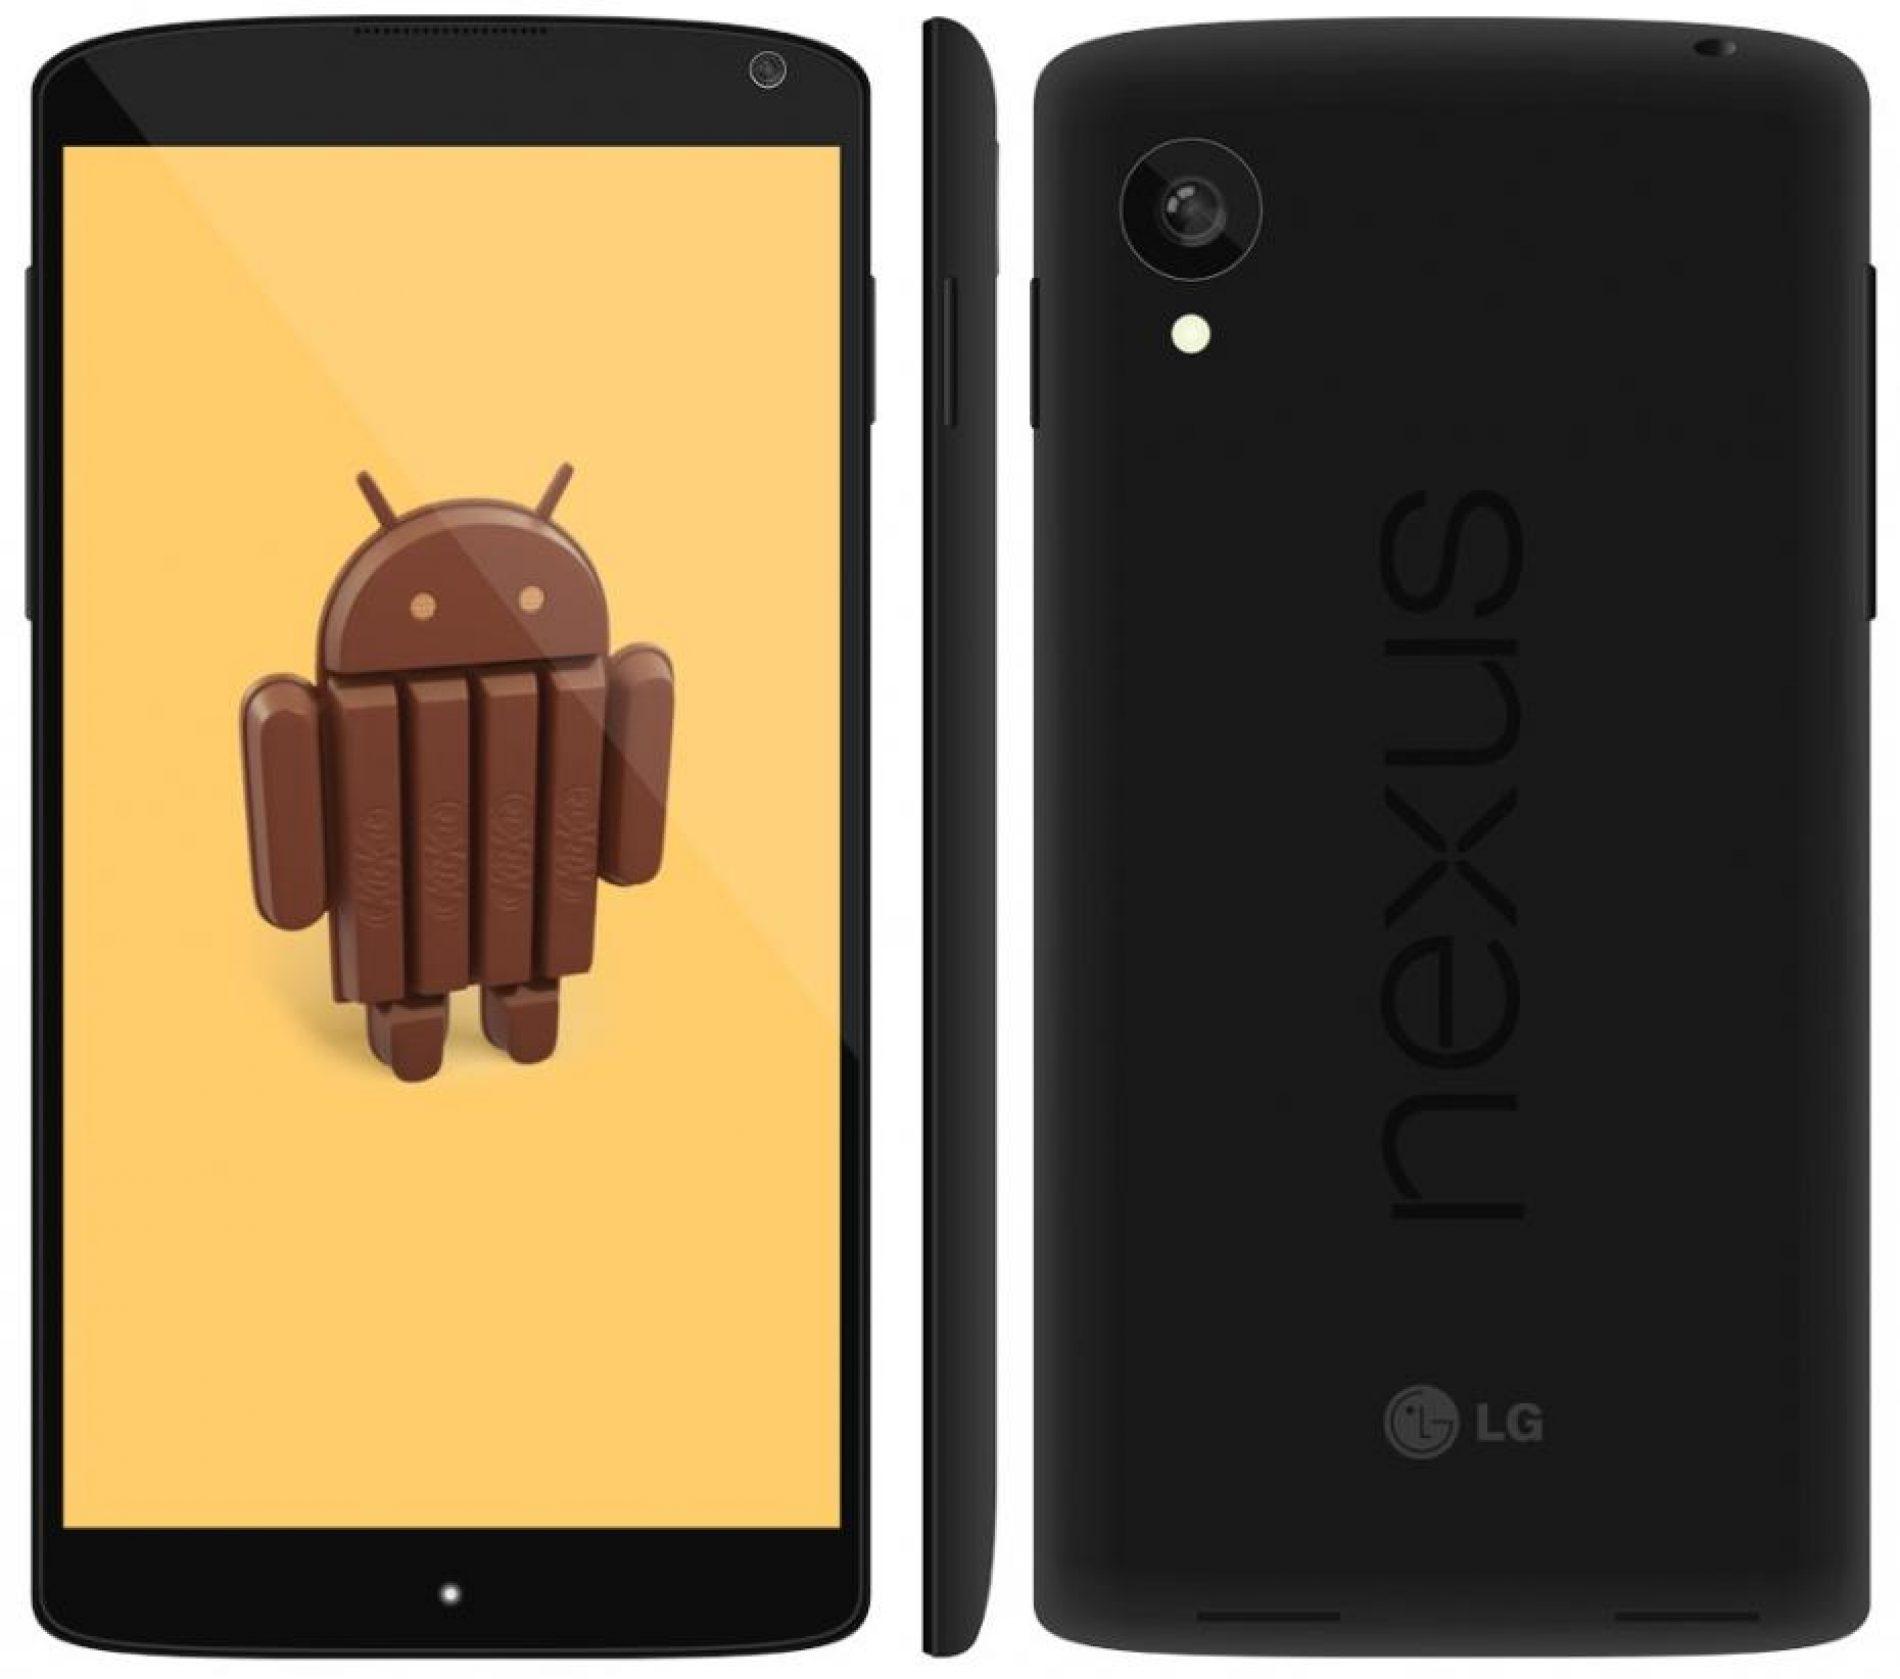 ¿Cómo rootear el Nexus 5 en cinco pasos?